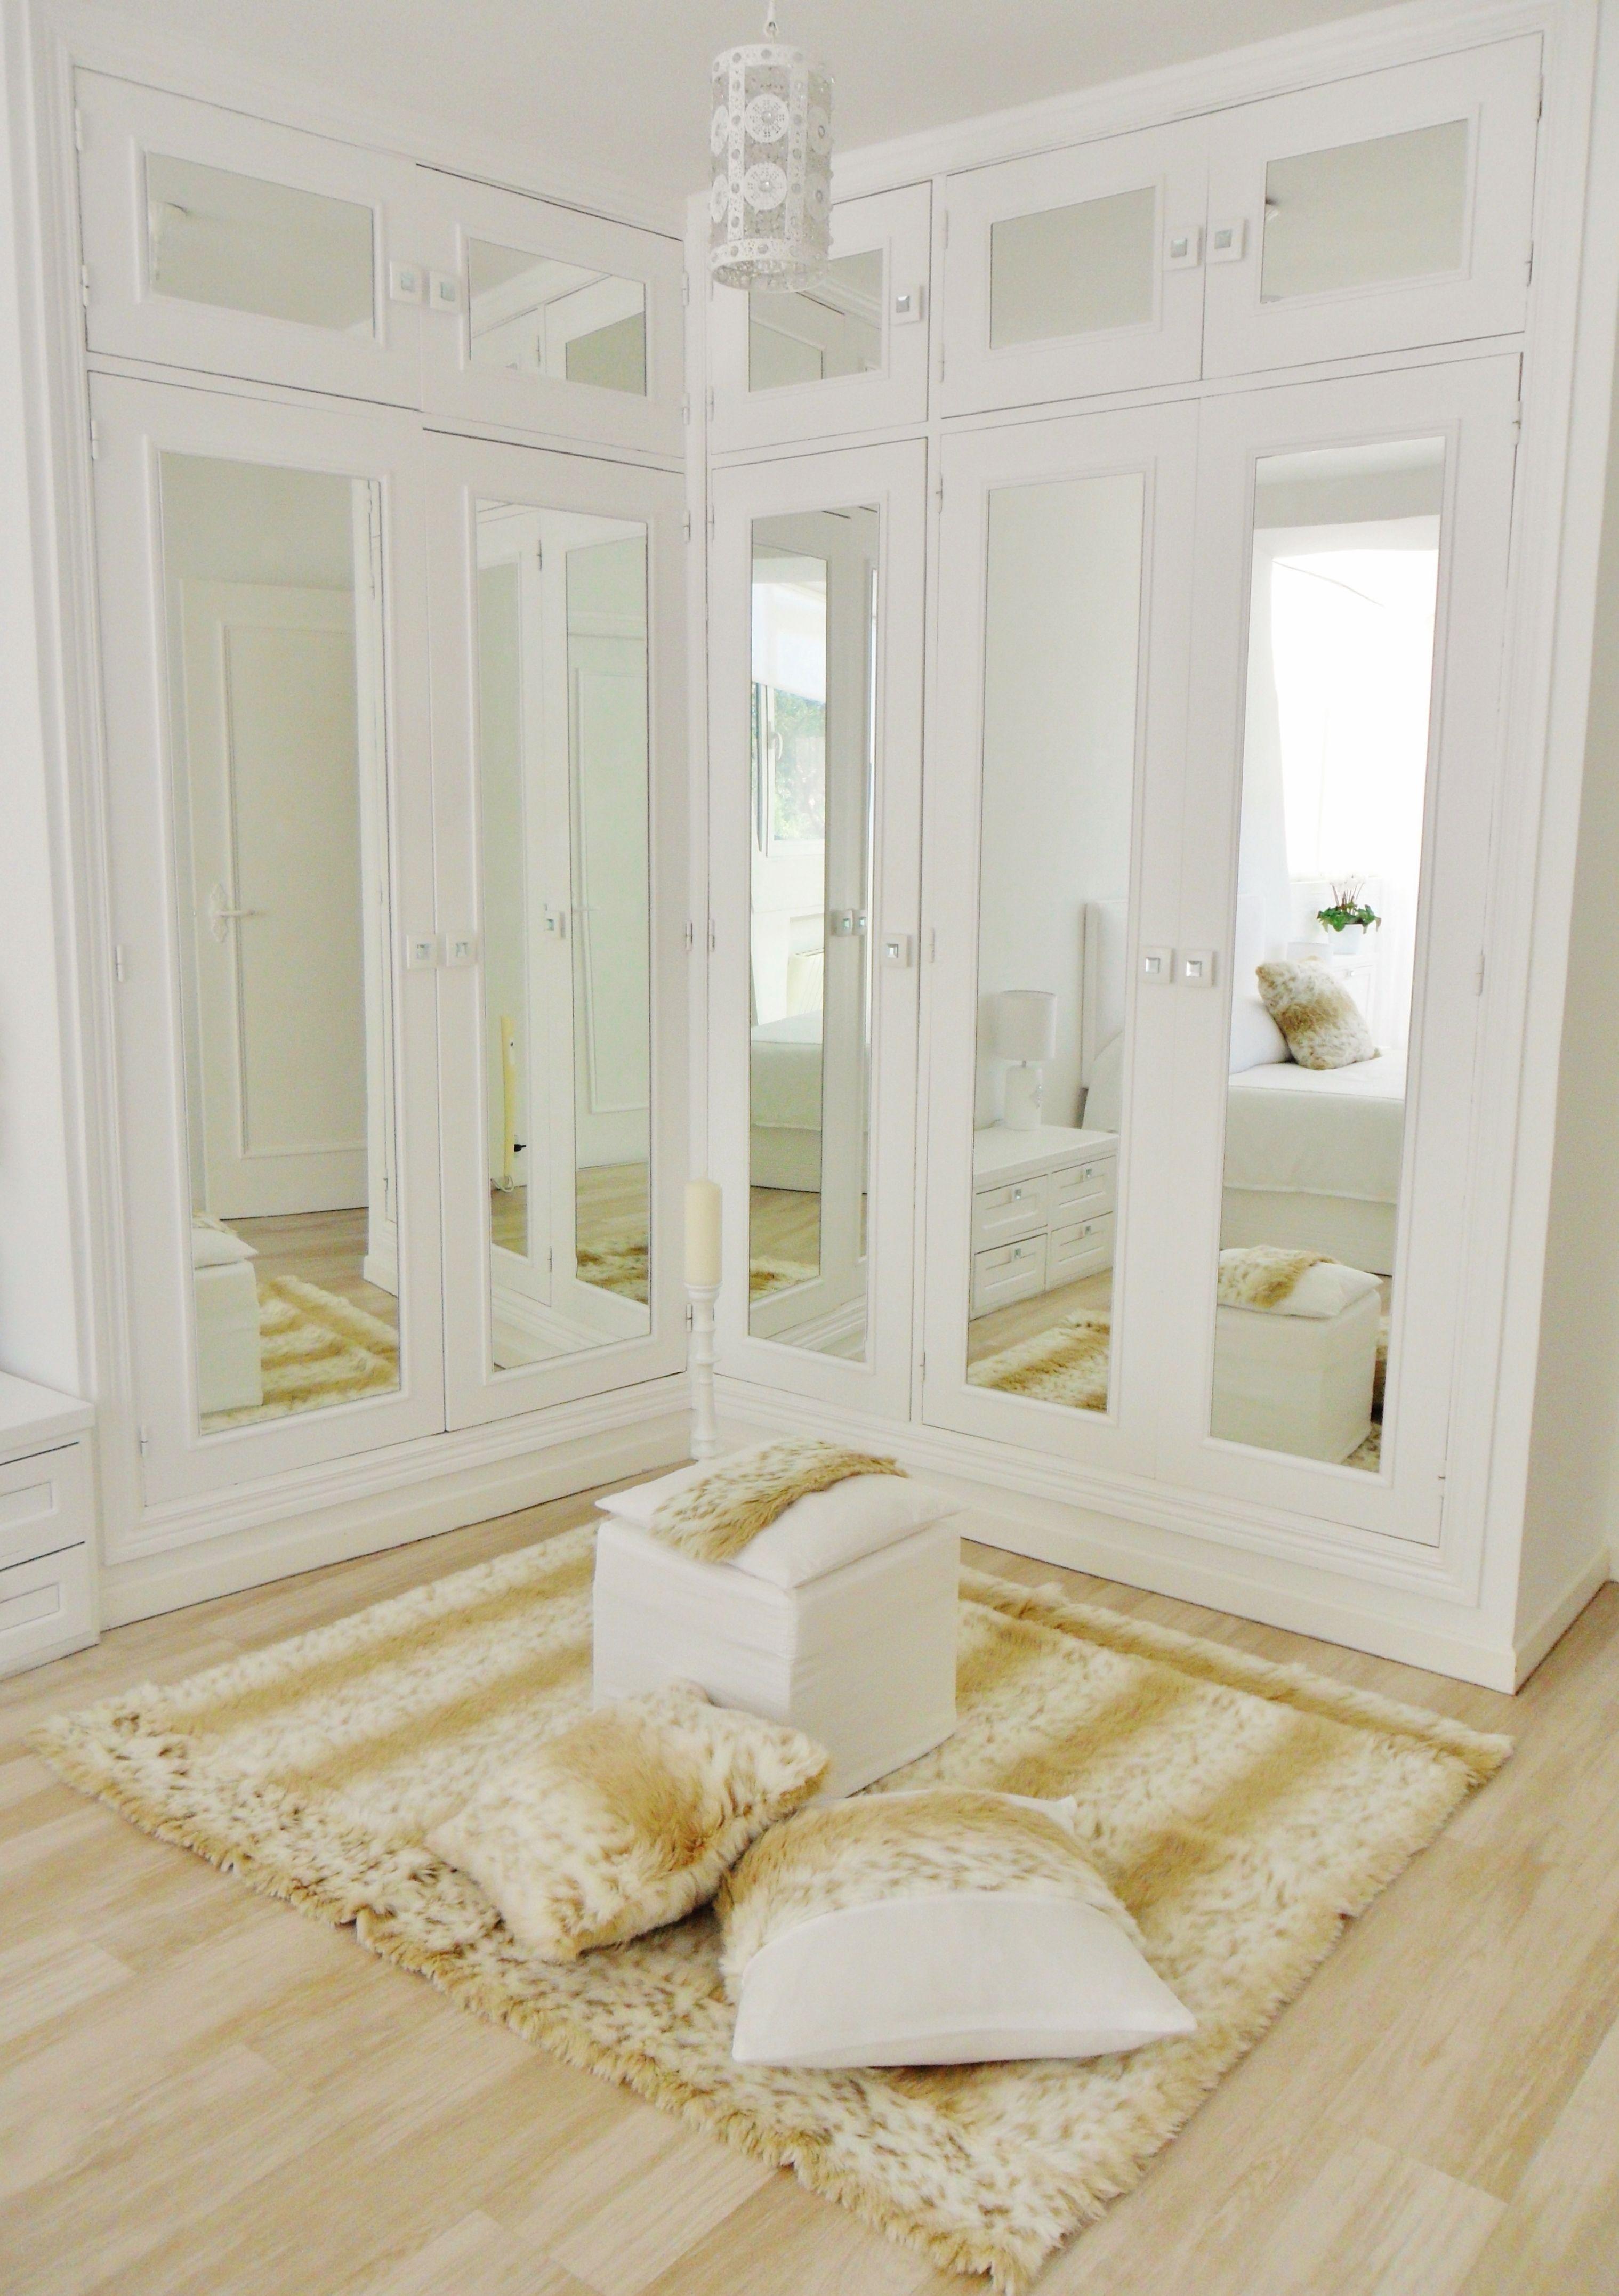 Lacado blanco frente armarios y colocaci n de espejos - Armarios lacados en blanco ...